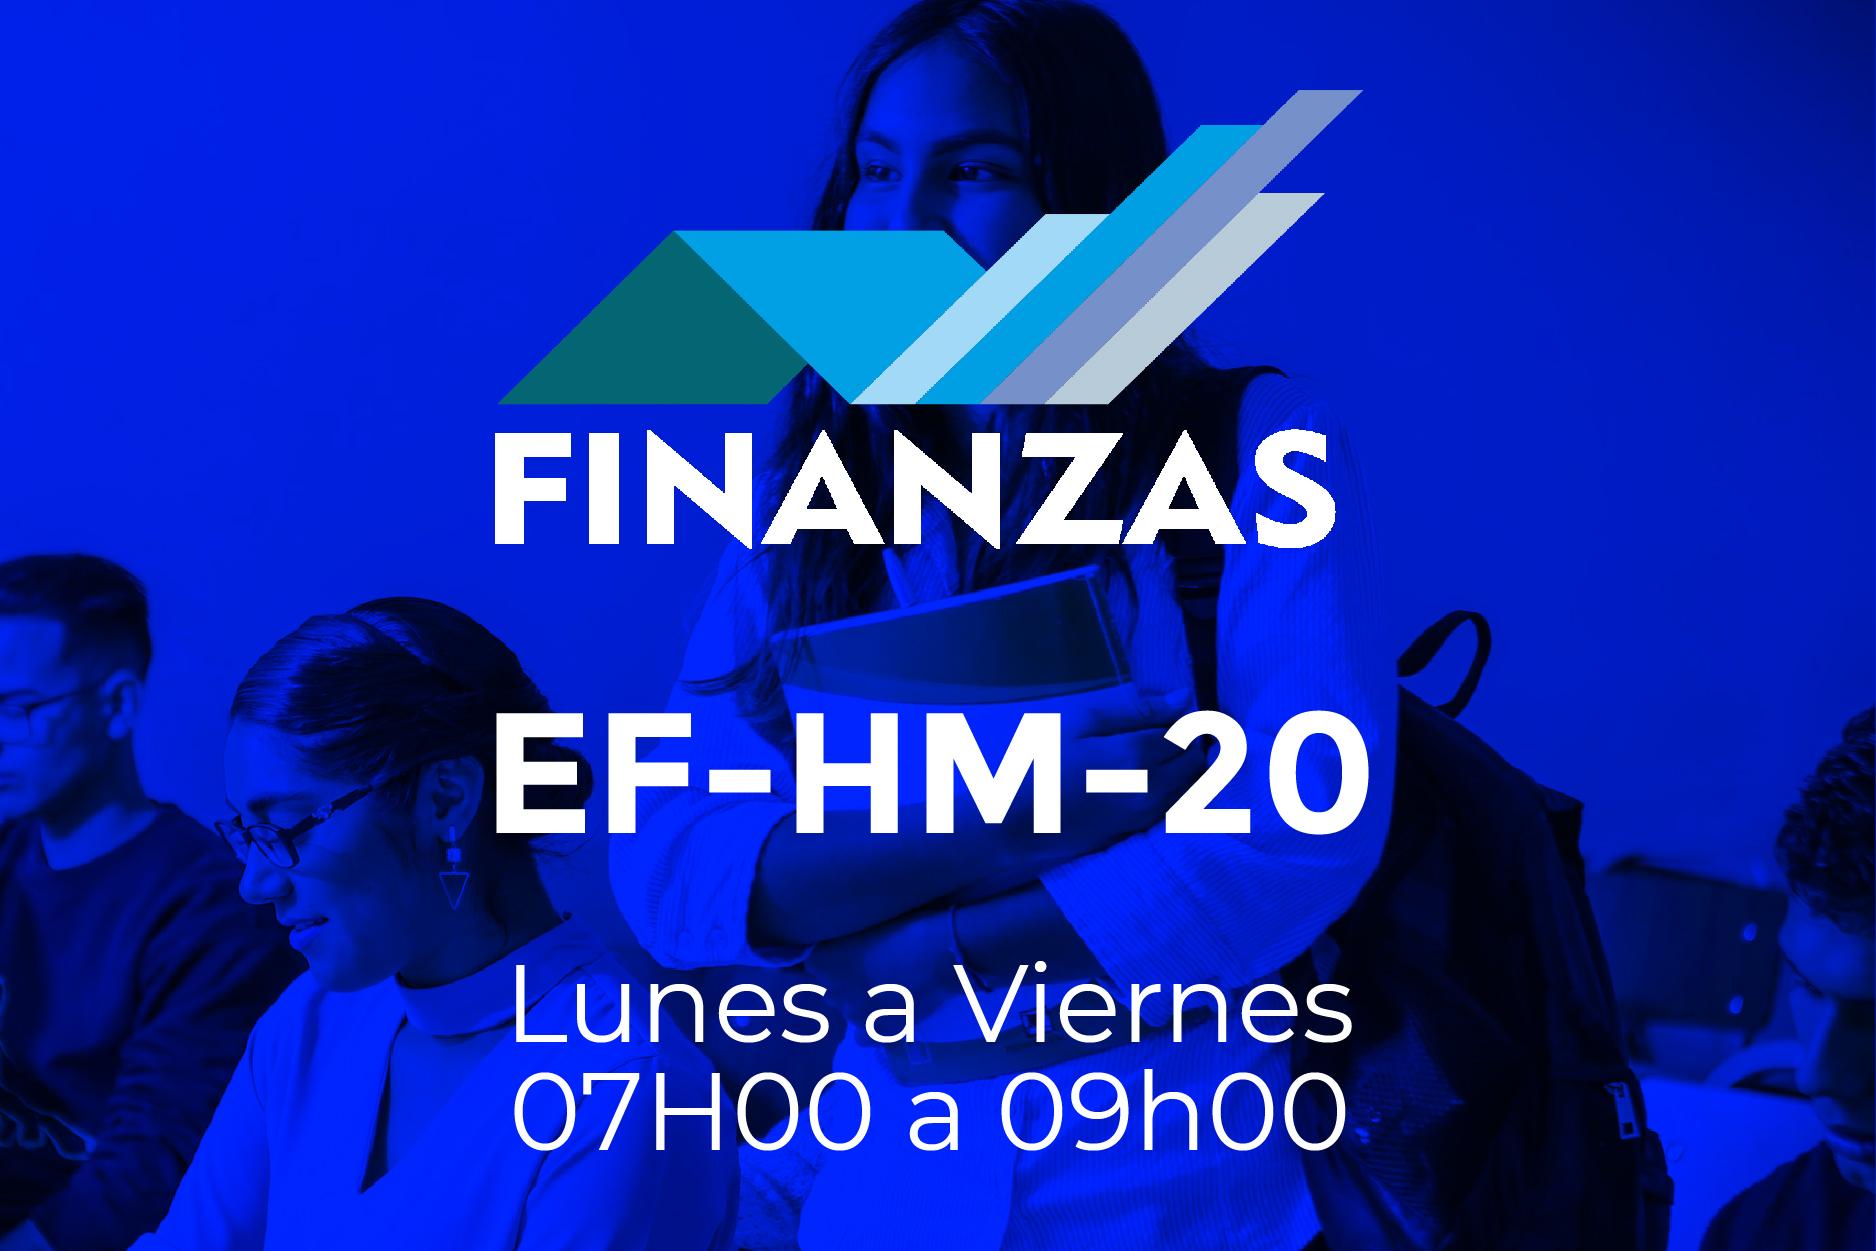 20 - FINANZAS - LUNES A VIERNES - 07:00 A 09:00